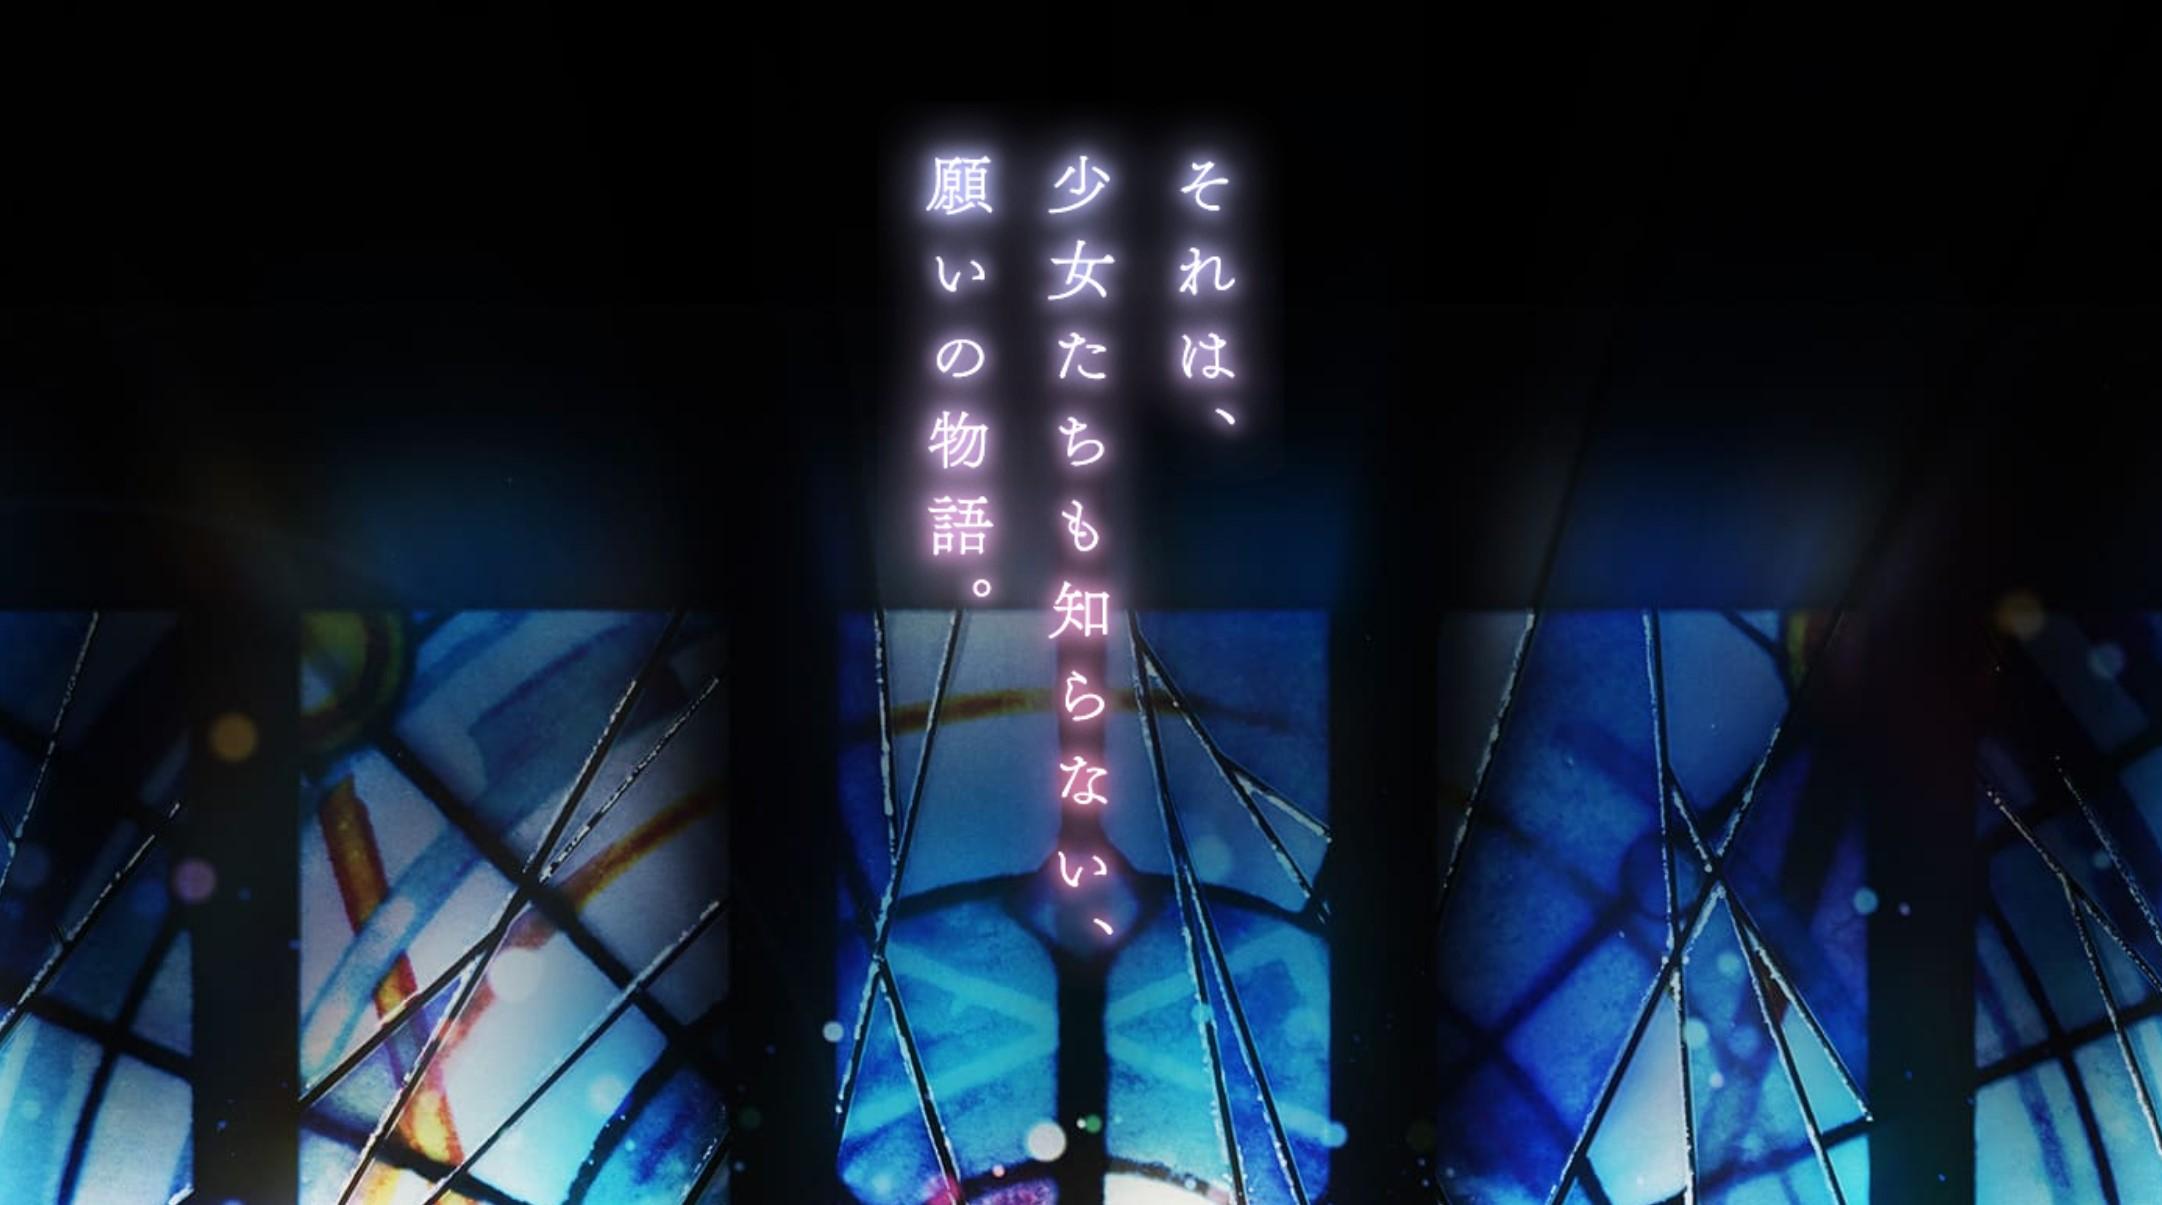 マギアレコード(マギレコ)アニメの放送地域・放送局!見逃しや見れない地域の視聴方法